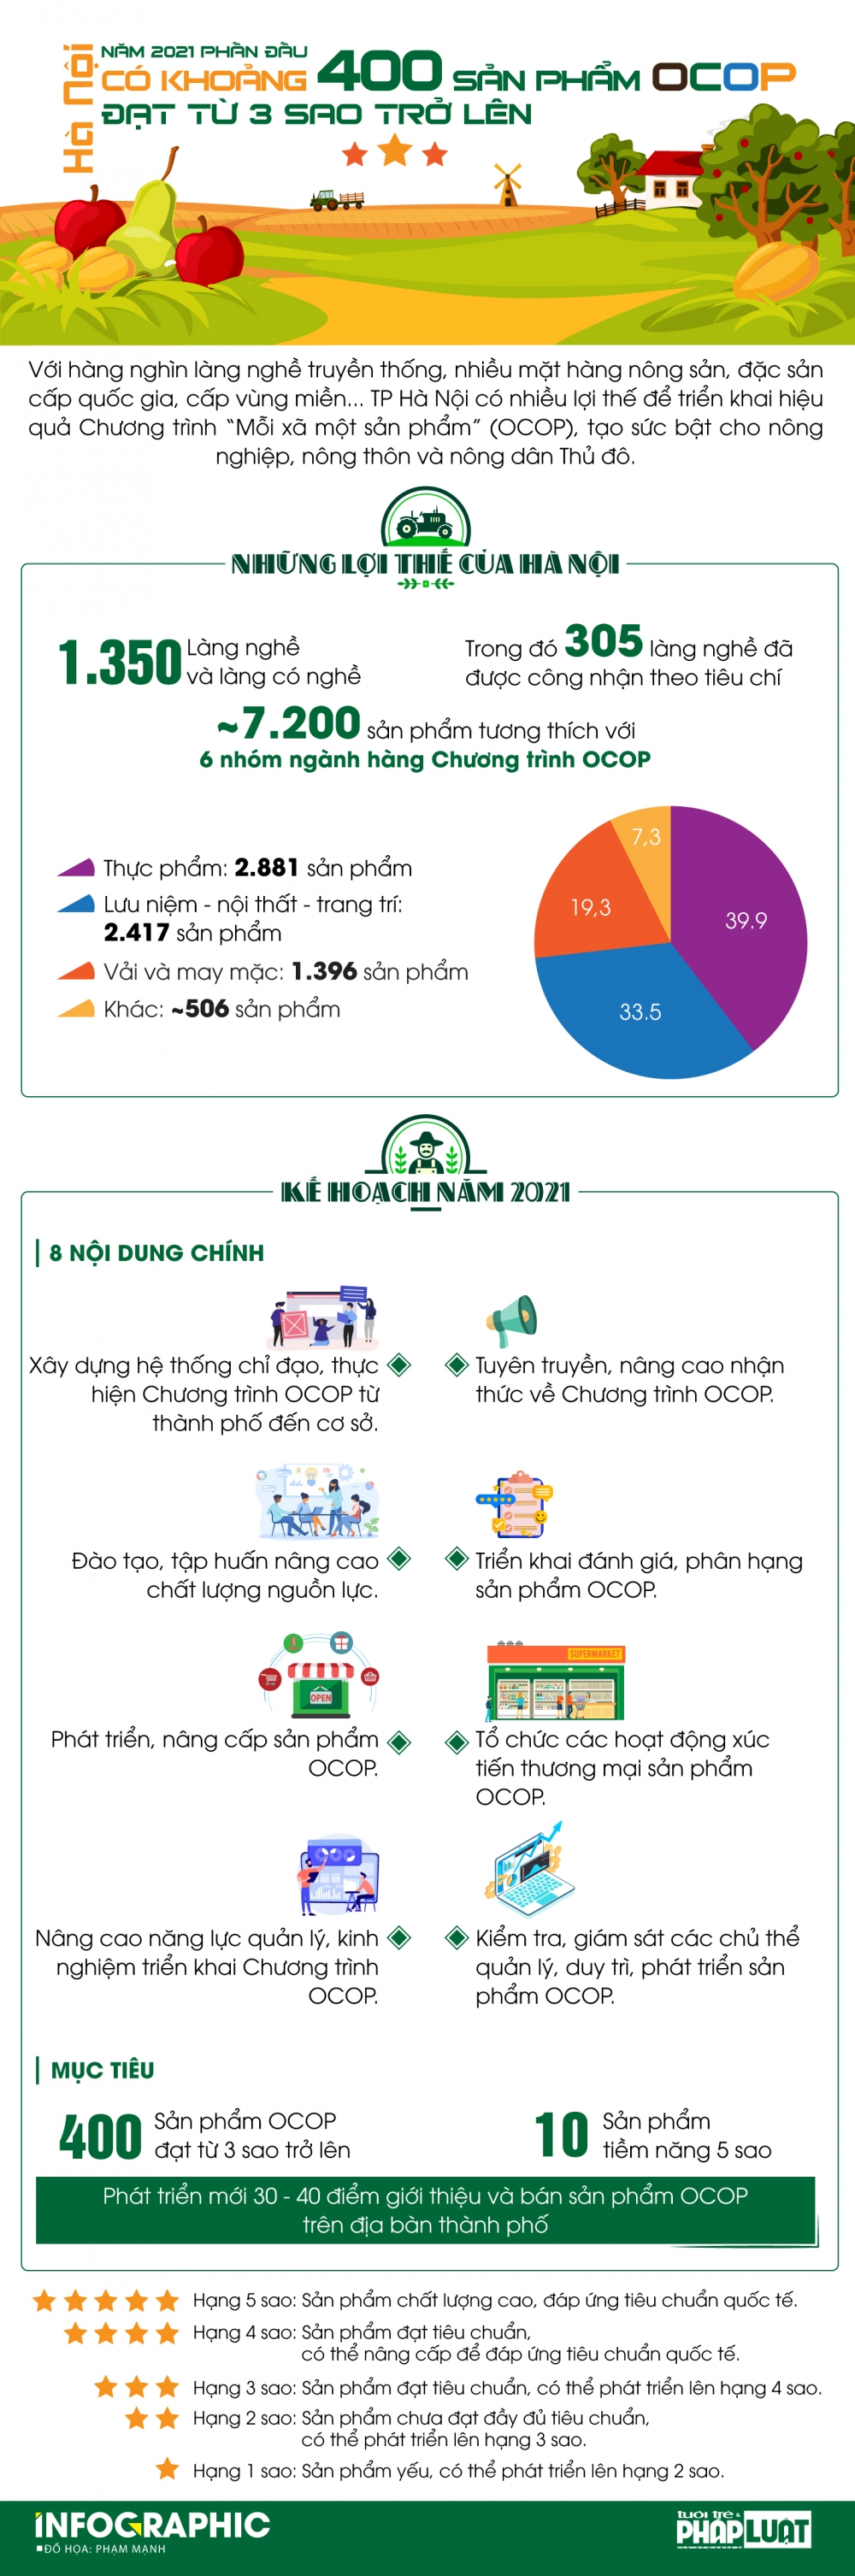 Năm 2021, TP Hà Nội phấn đấu có khoảng 400 sản phẩm OCOP đạt từ 3 sao trở lên